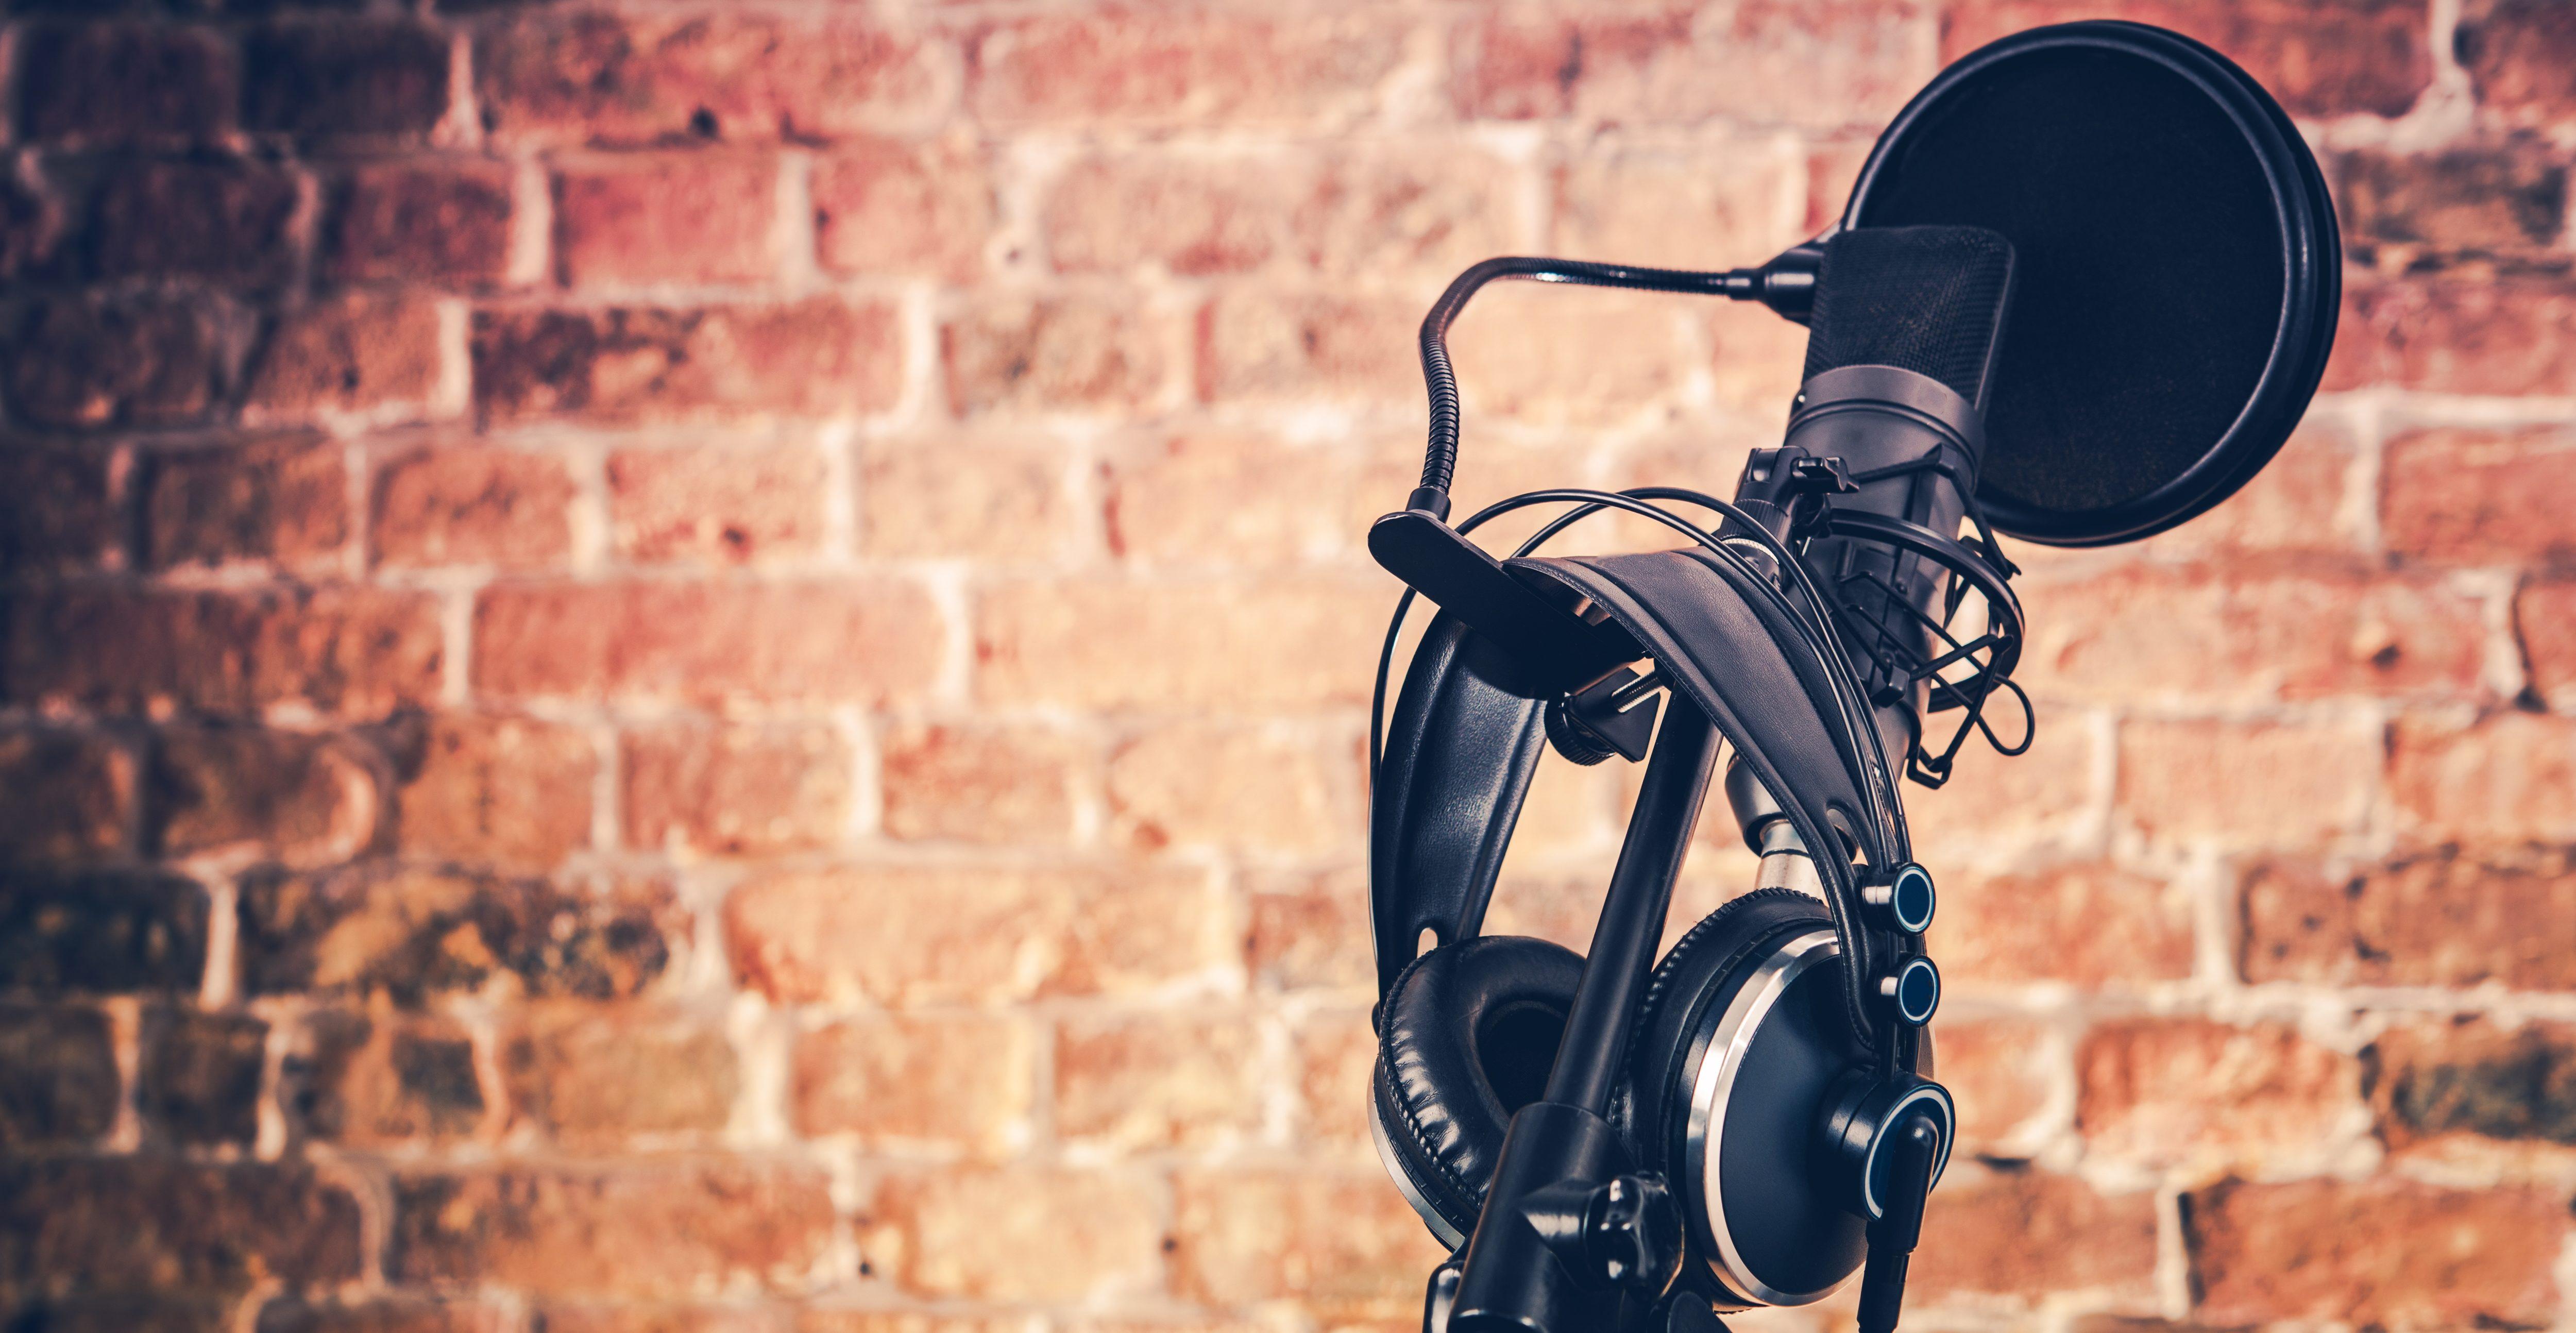 Dettaglio di un microfono professionale con cuffie audio